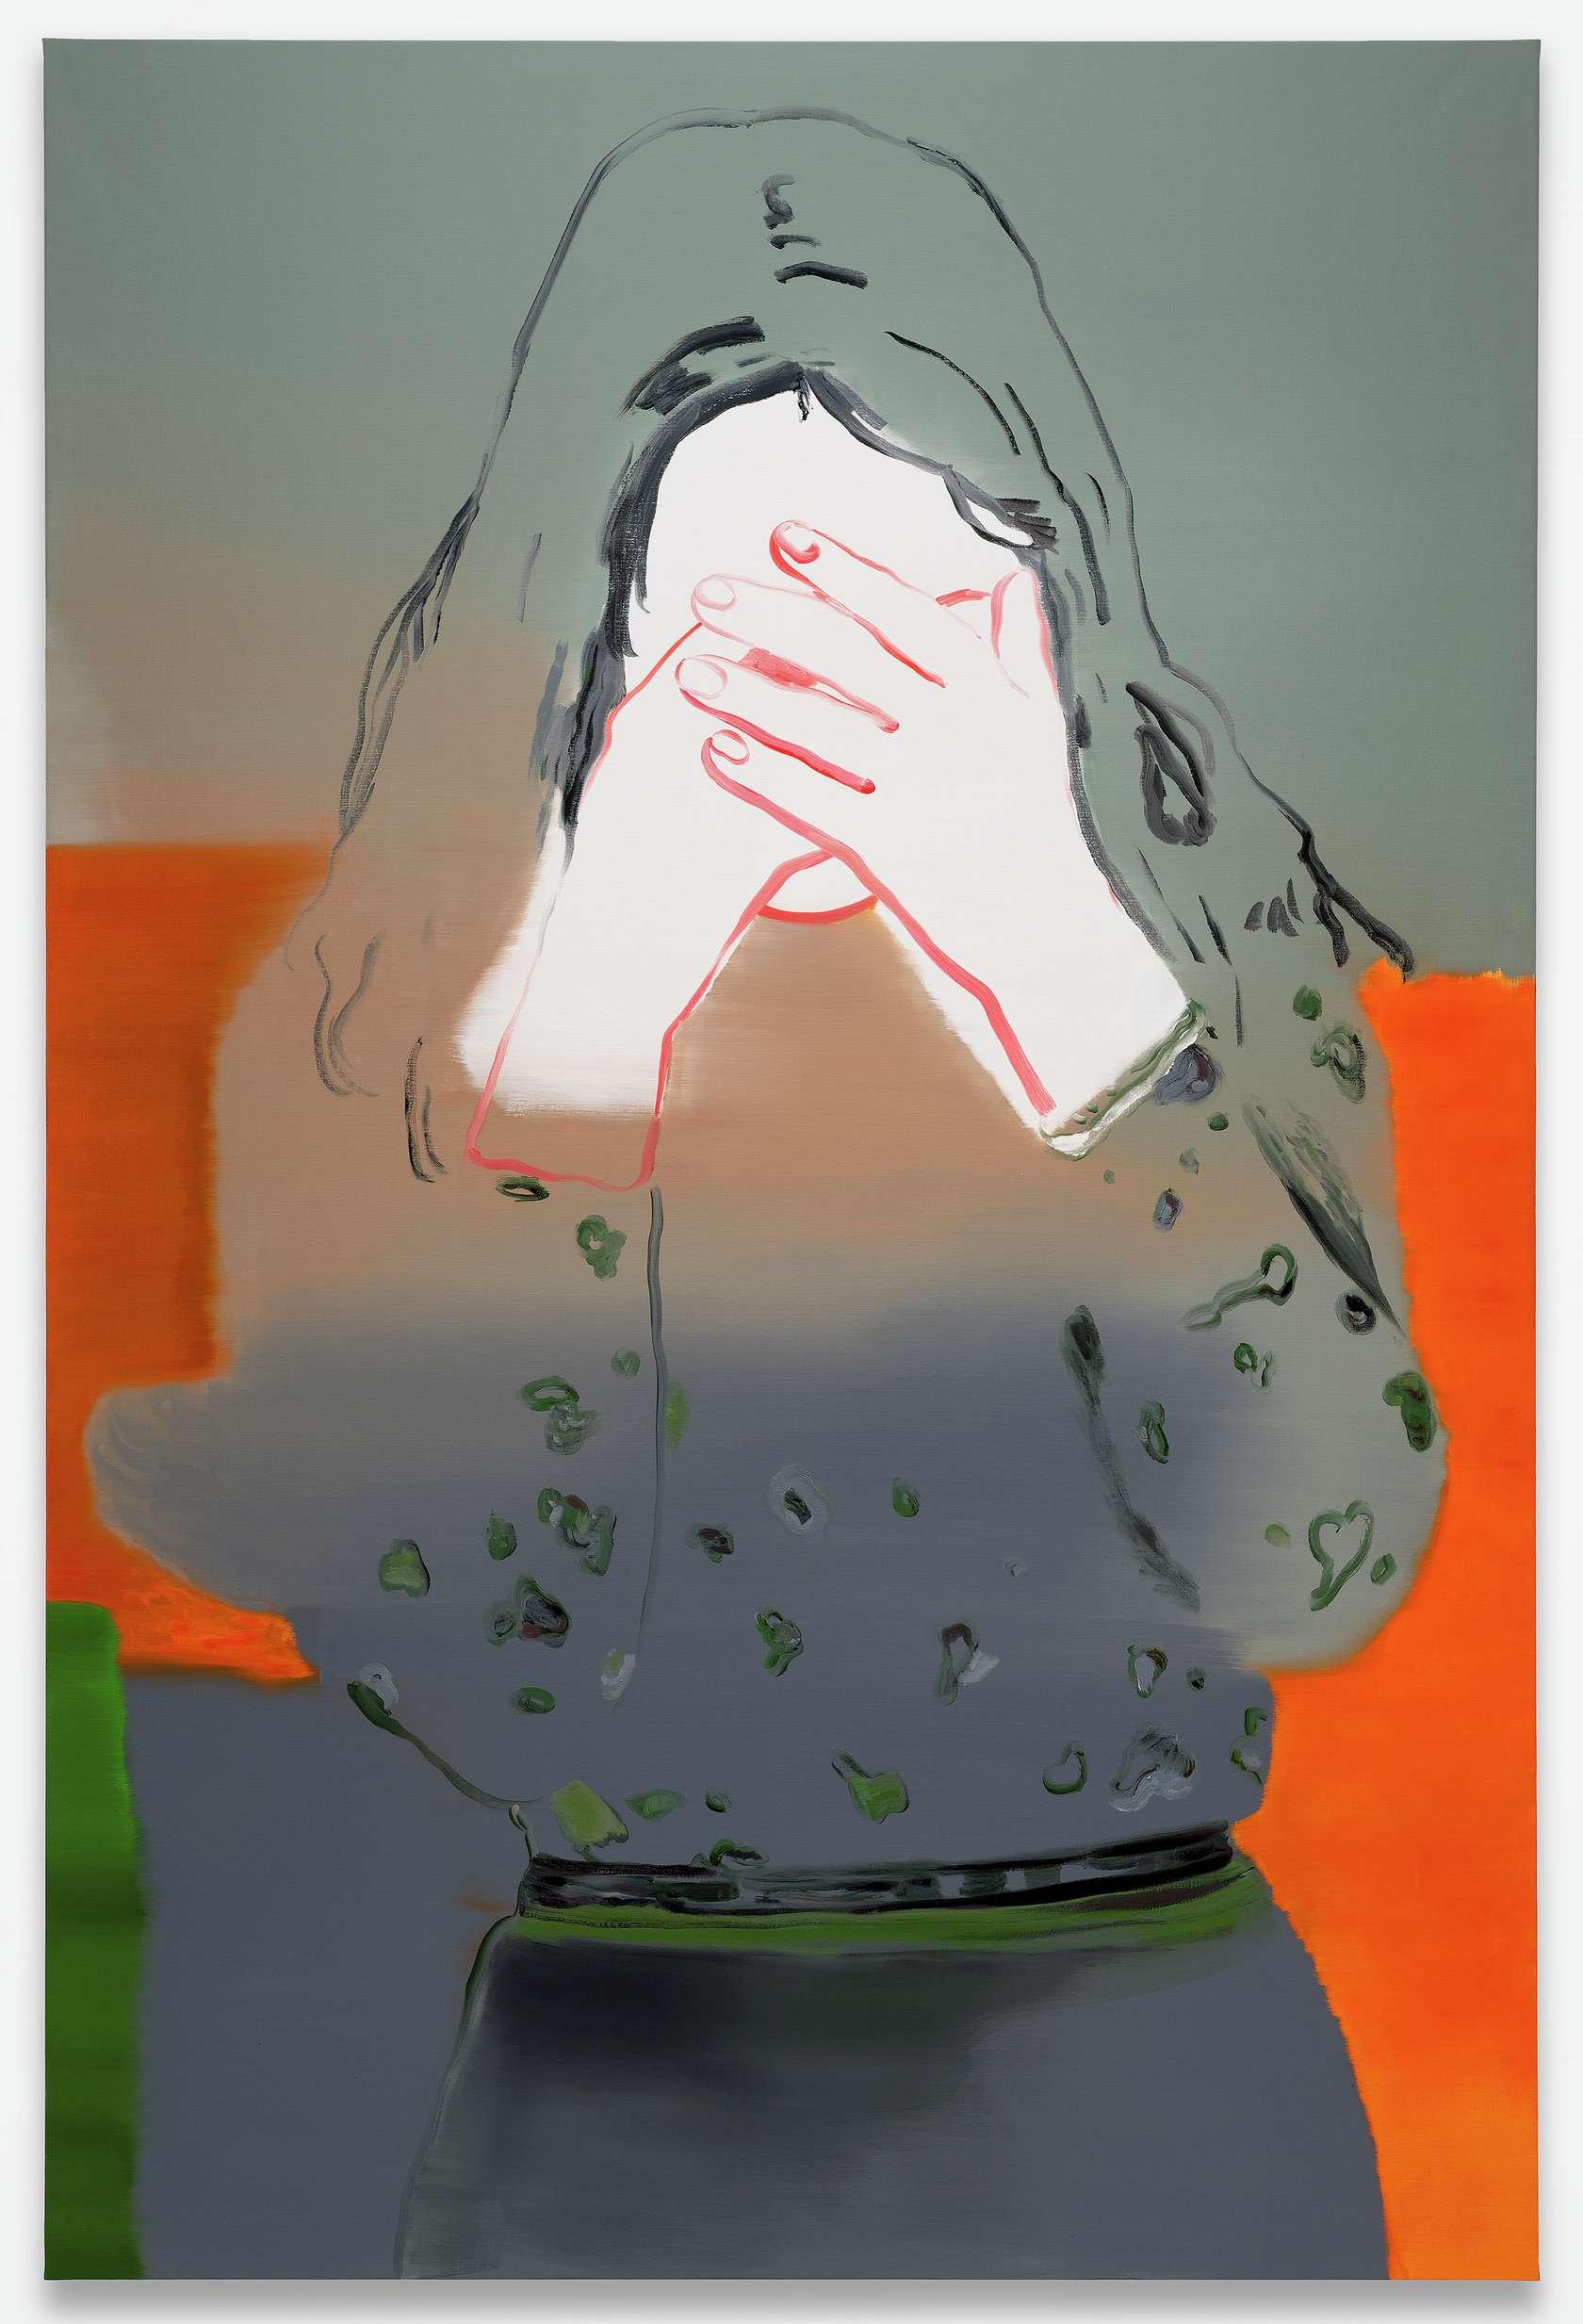 Françoise Pétrovitch, Lucie, 2020 Huile sur toile240 × 160 cm / 94 1/2 × 63  in.